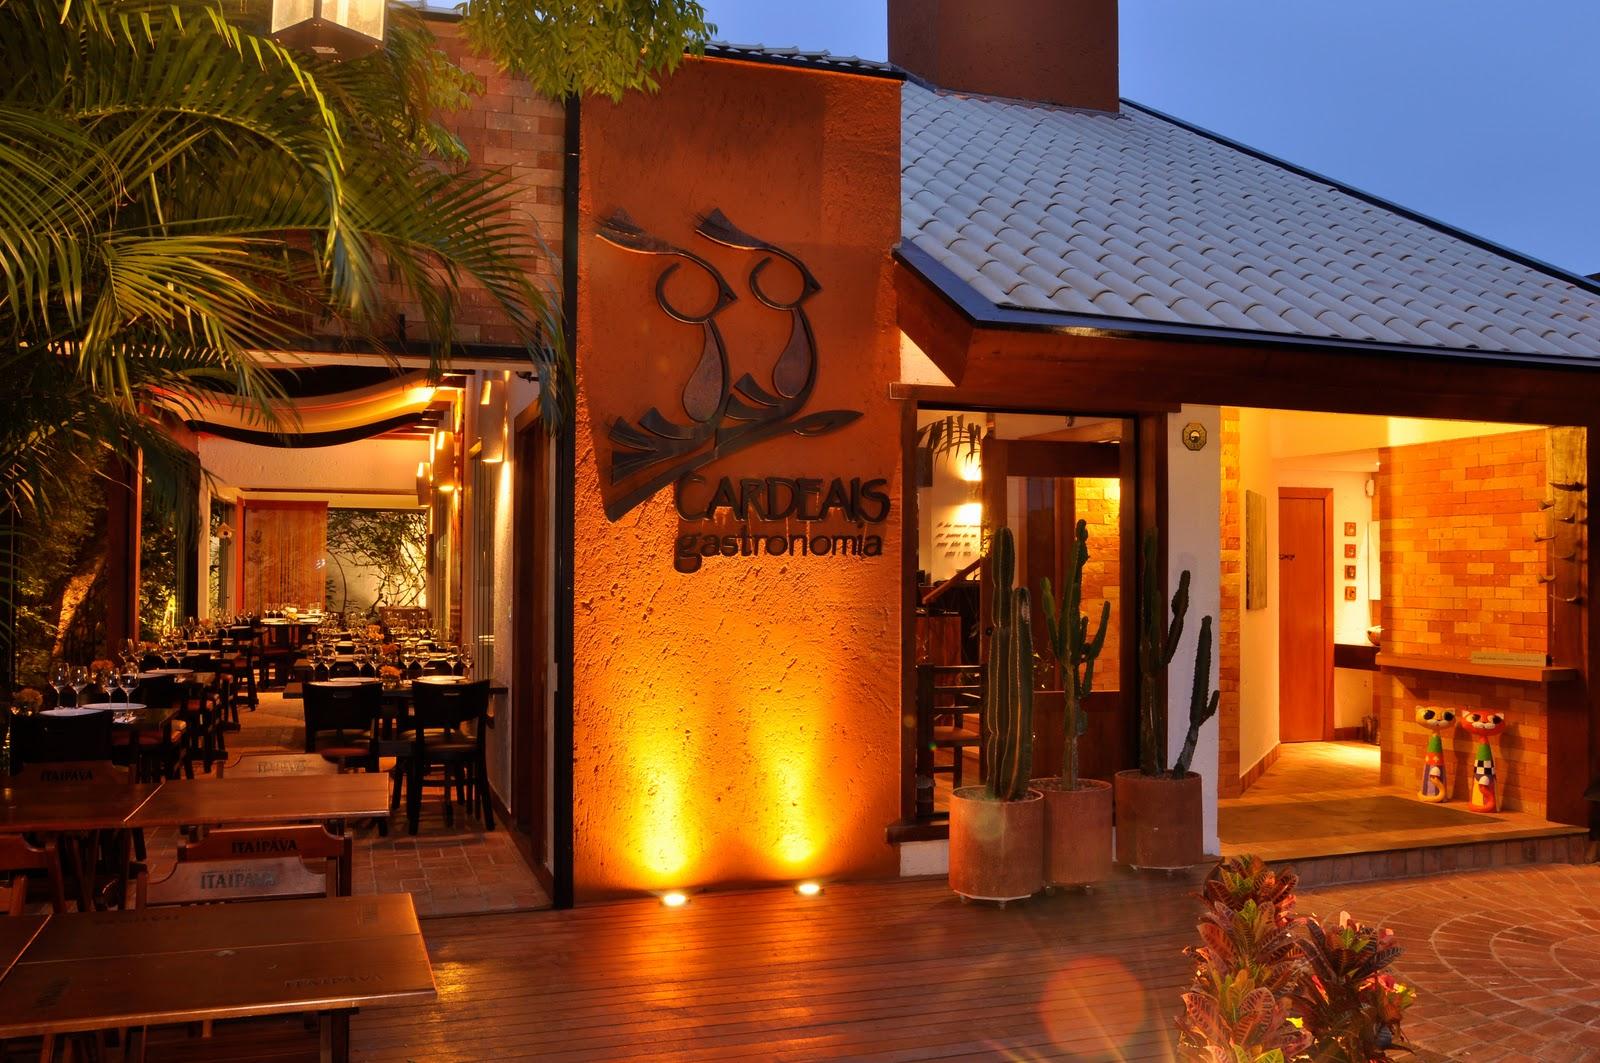 Guia do lugarzinho cardeais gastronomia for Fachada para restaurante